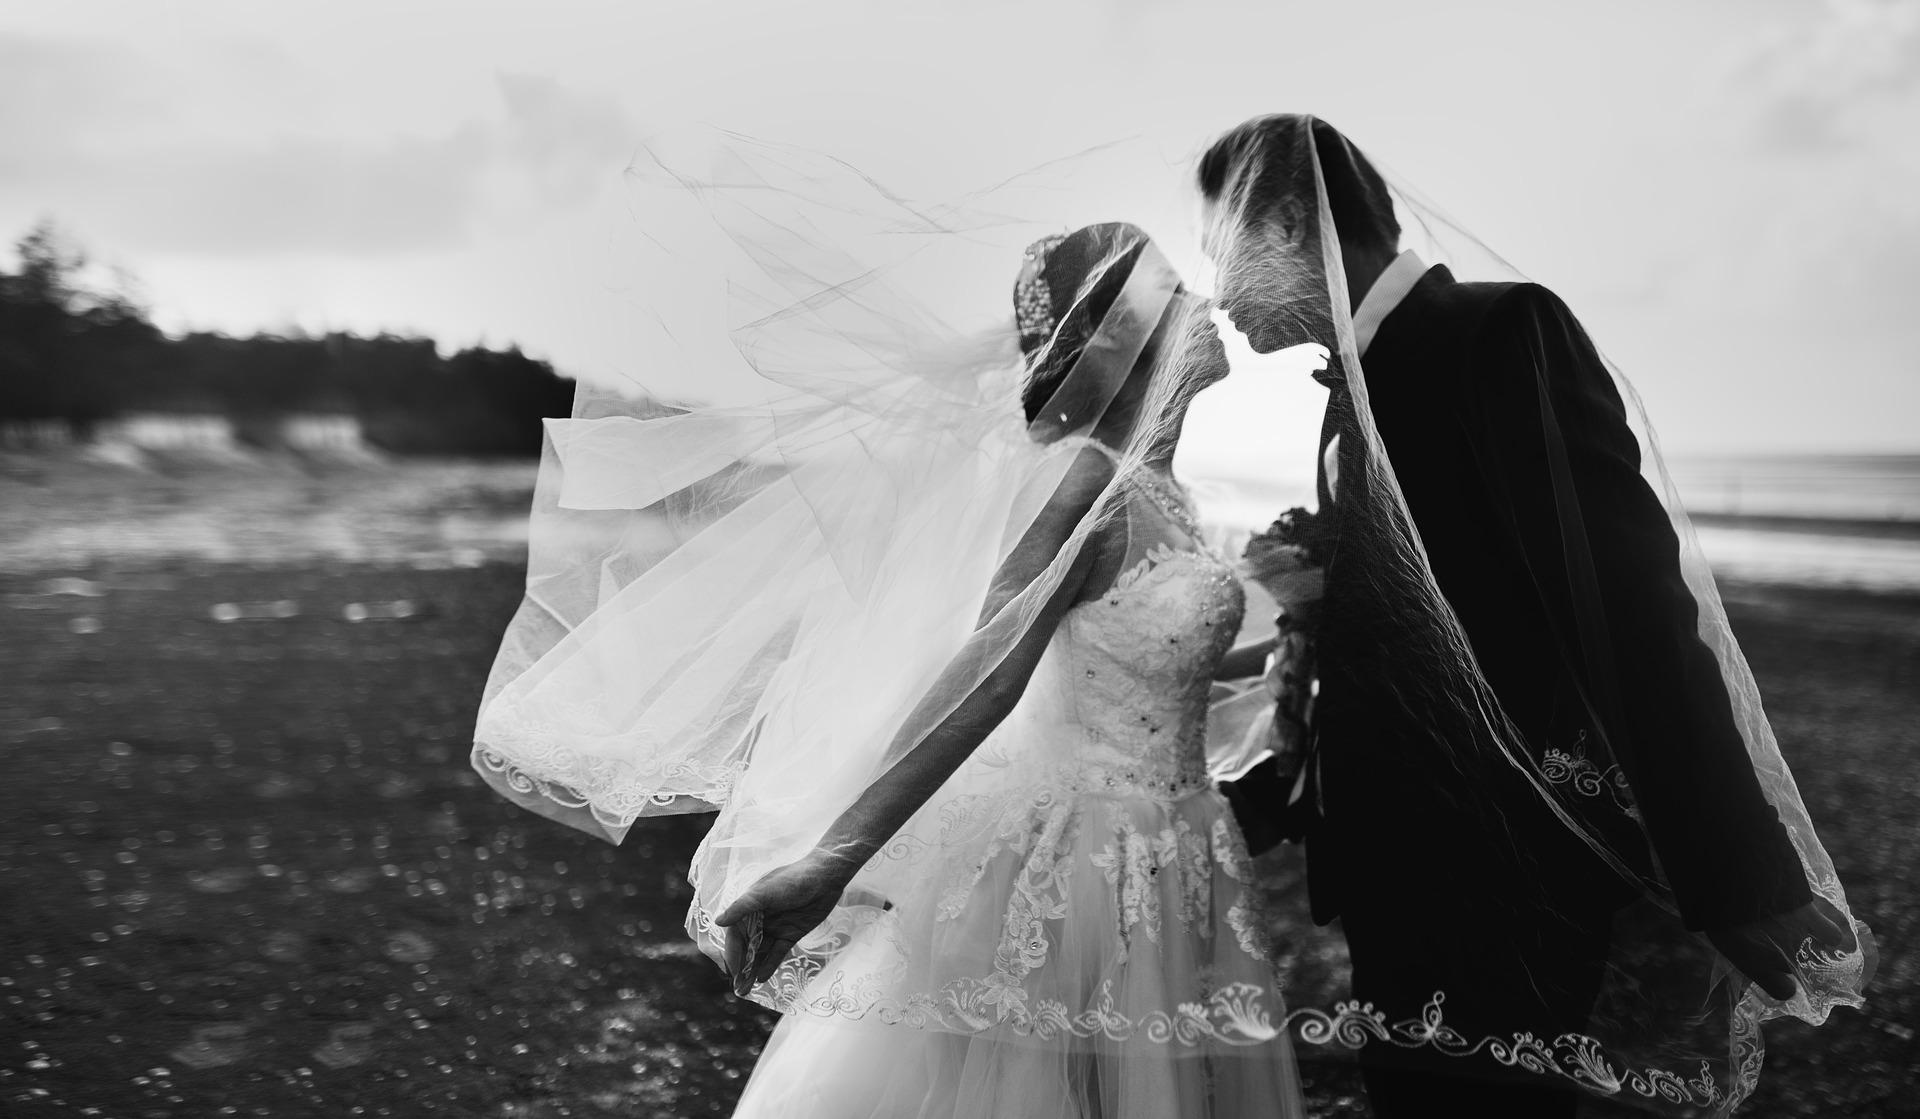 weddings-1926248_1280.jpg